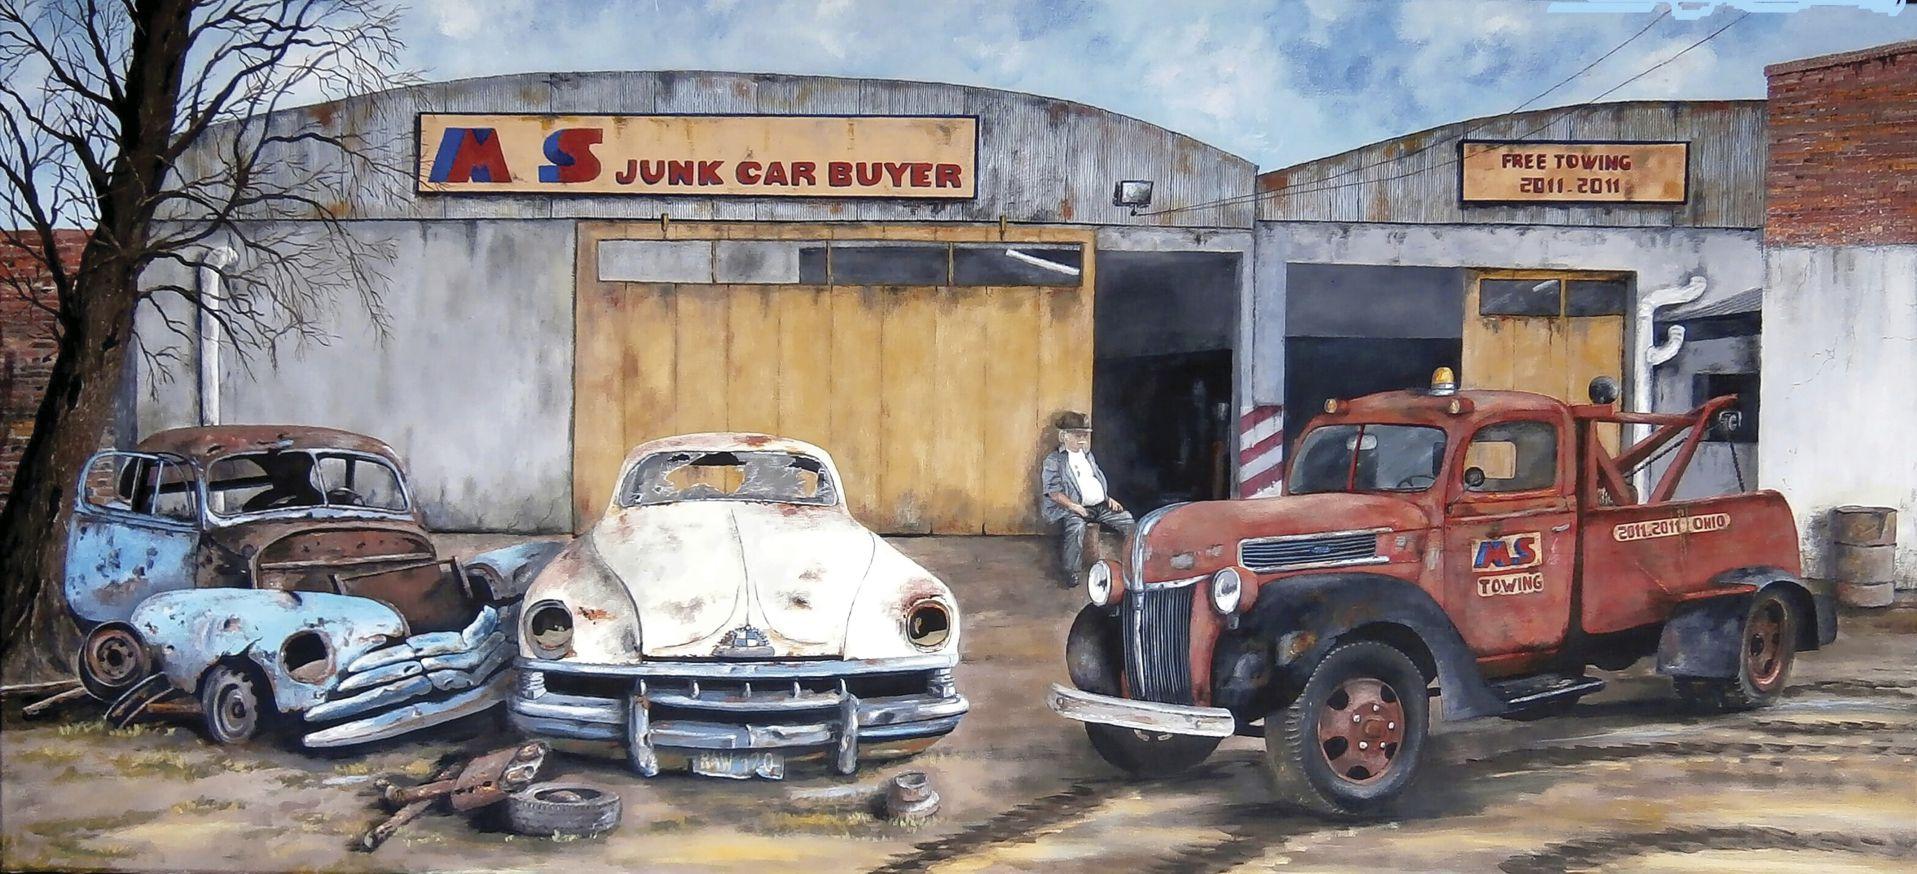 Ángel: El comprador de autos chatarra